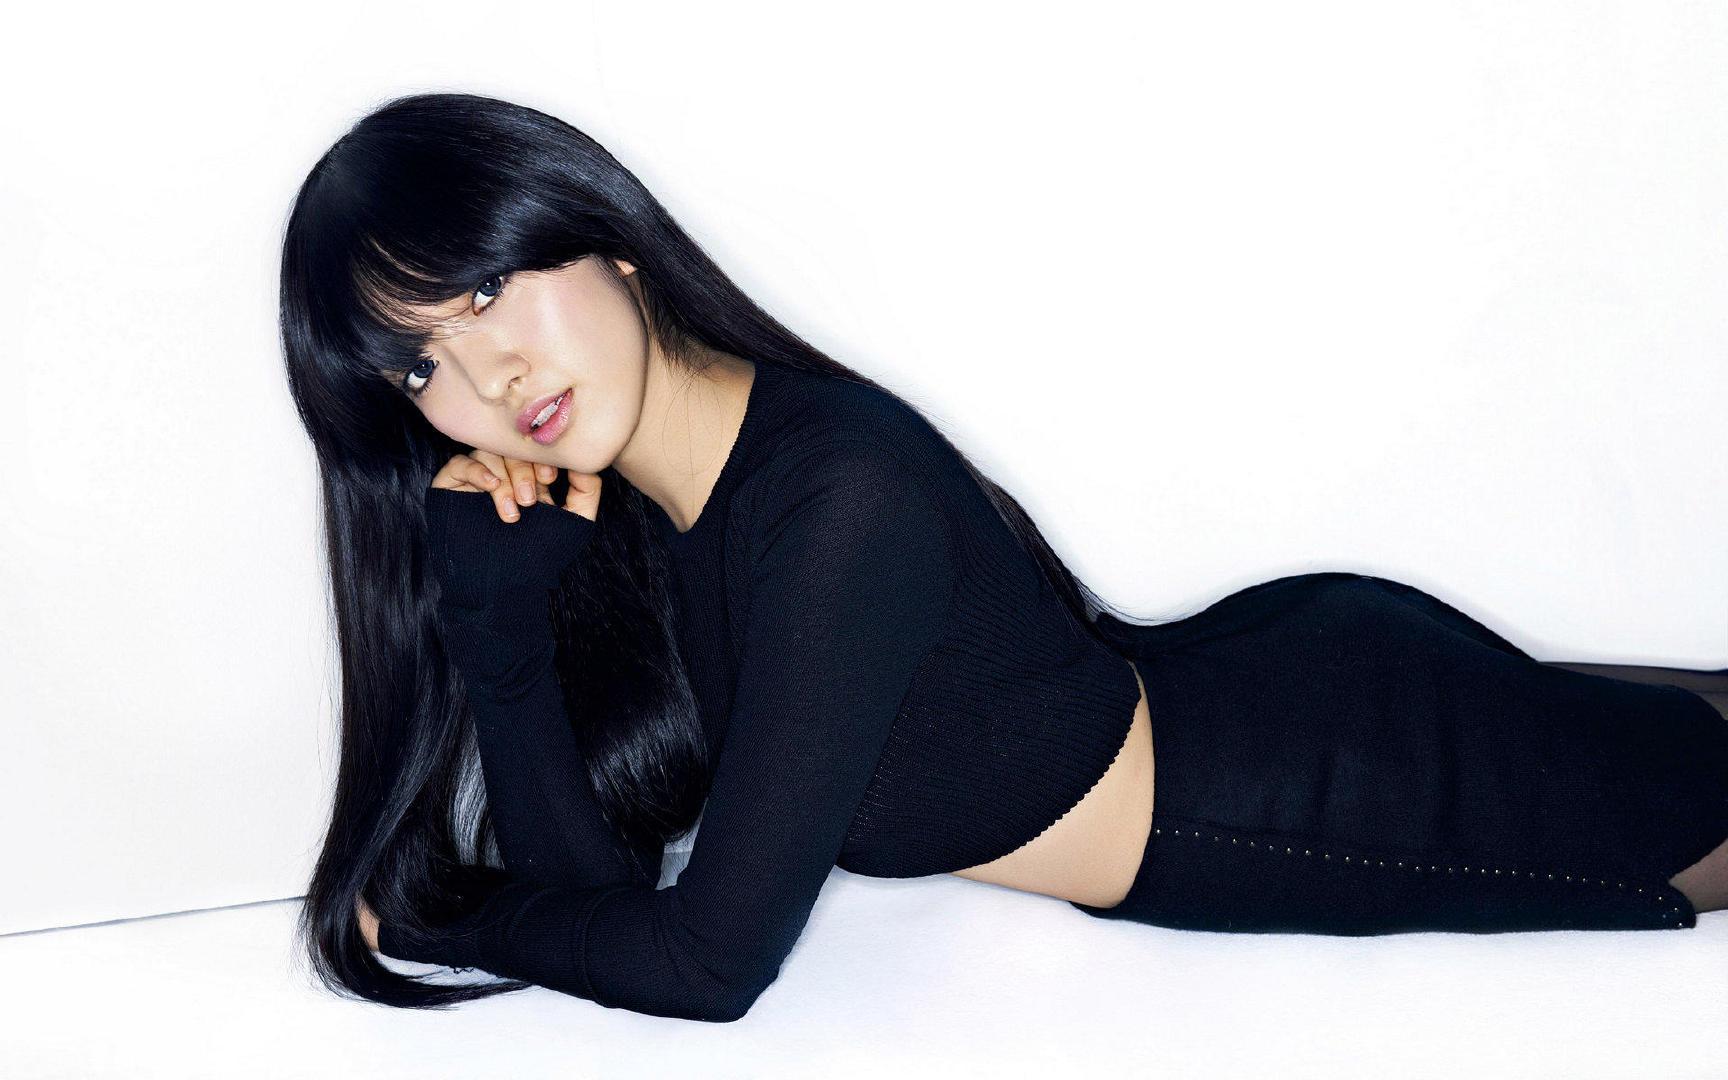 超人气韩国女团AOA娇嫩销魂私房照